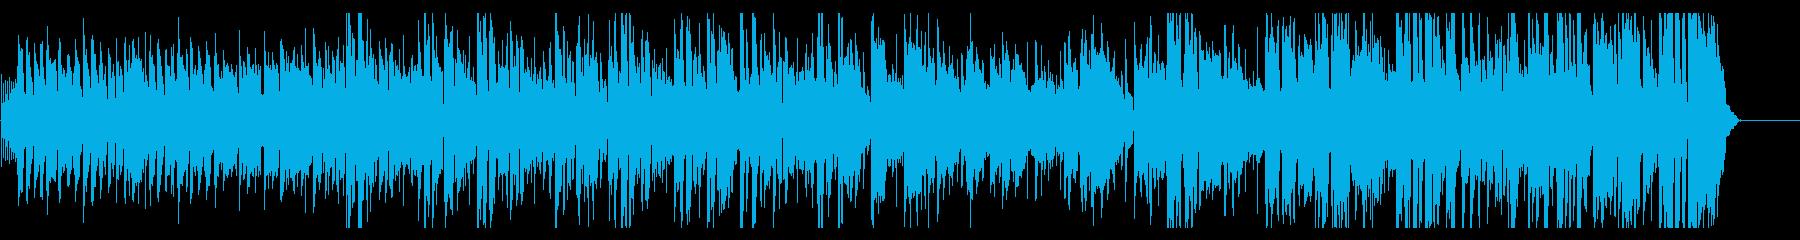 ビートの利いたアイドルポップの再生済みの波形